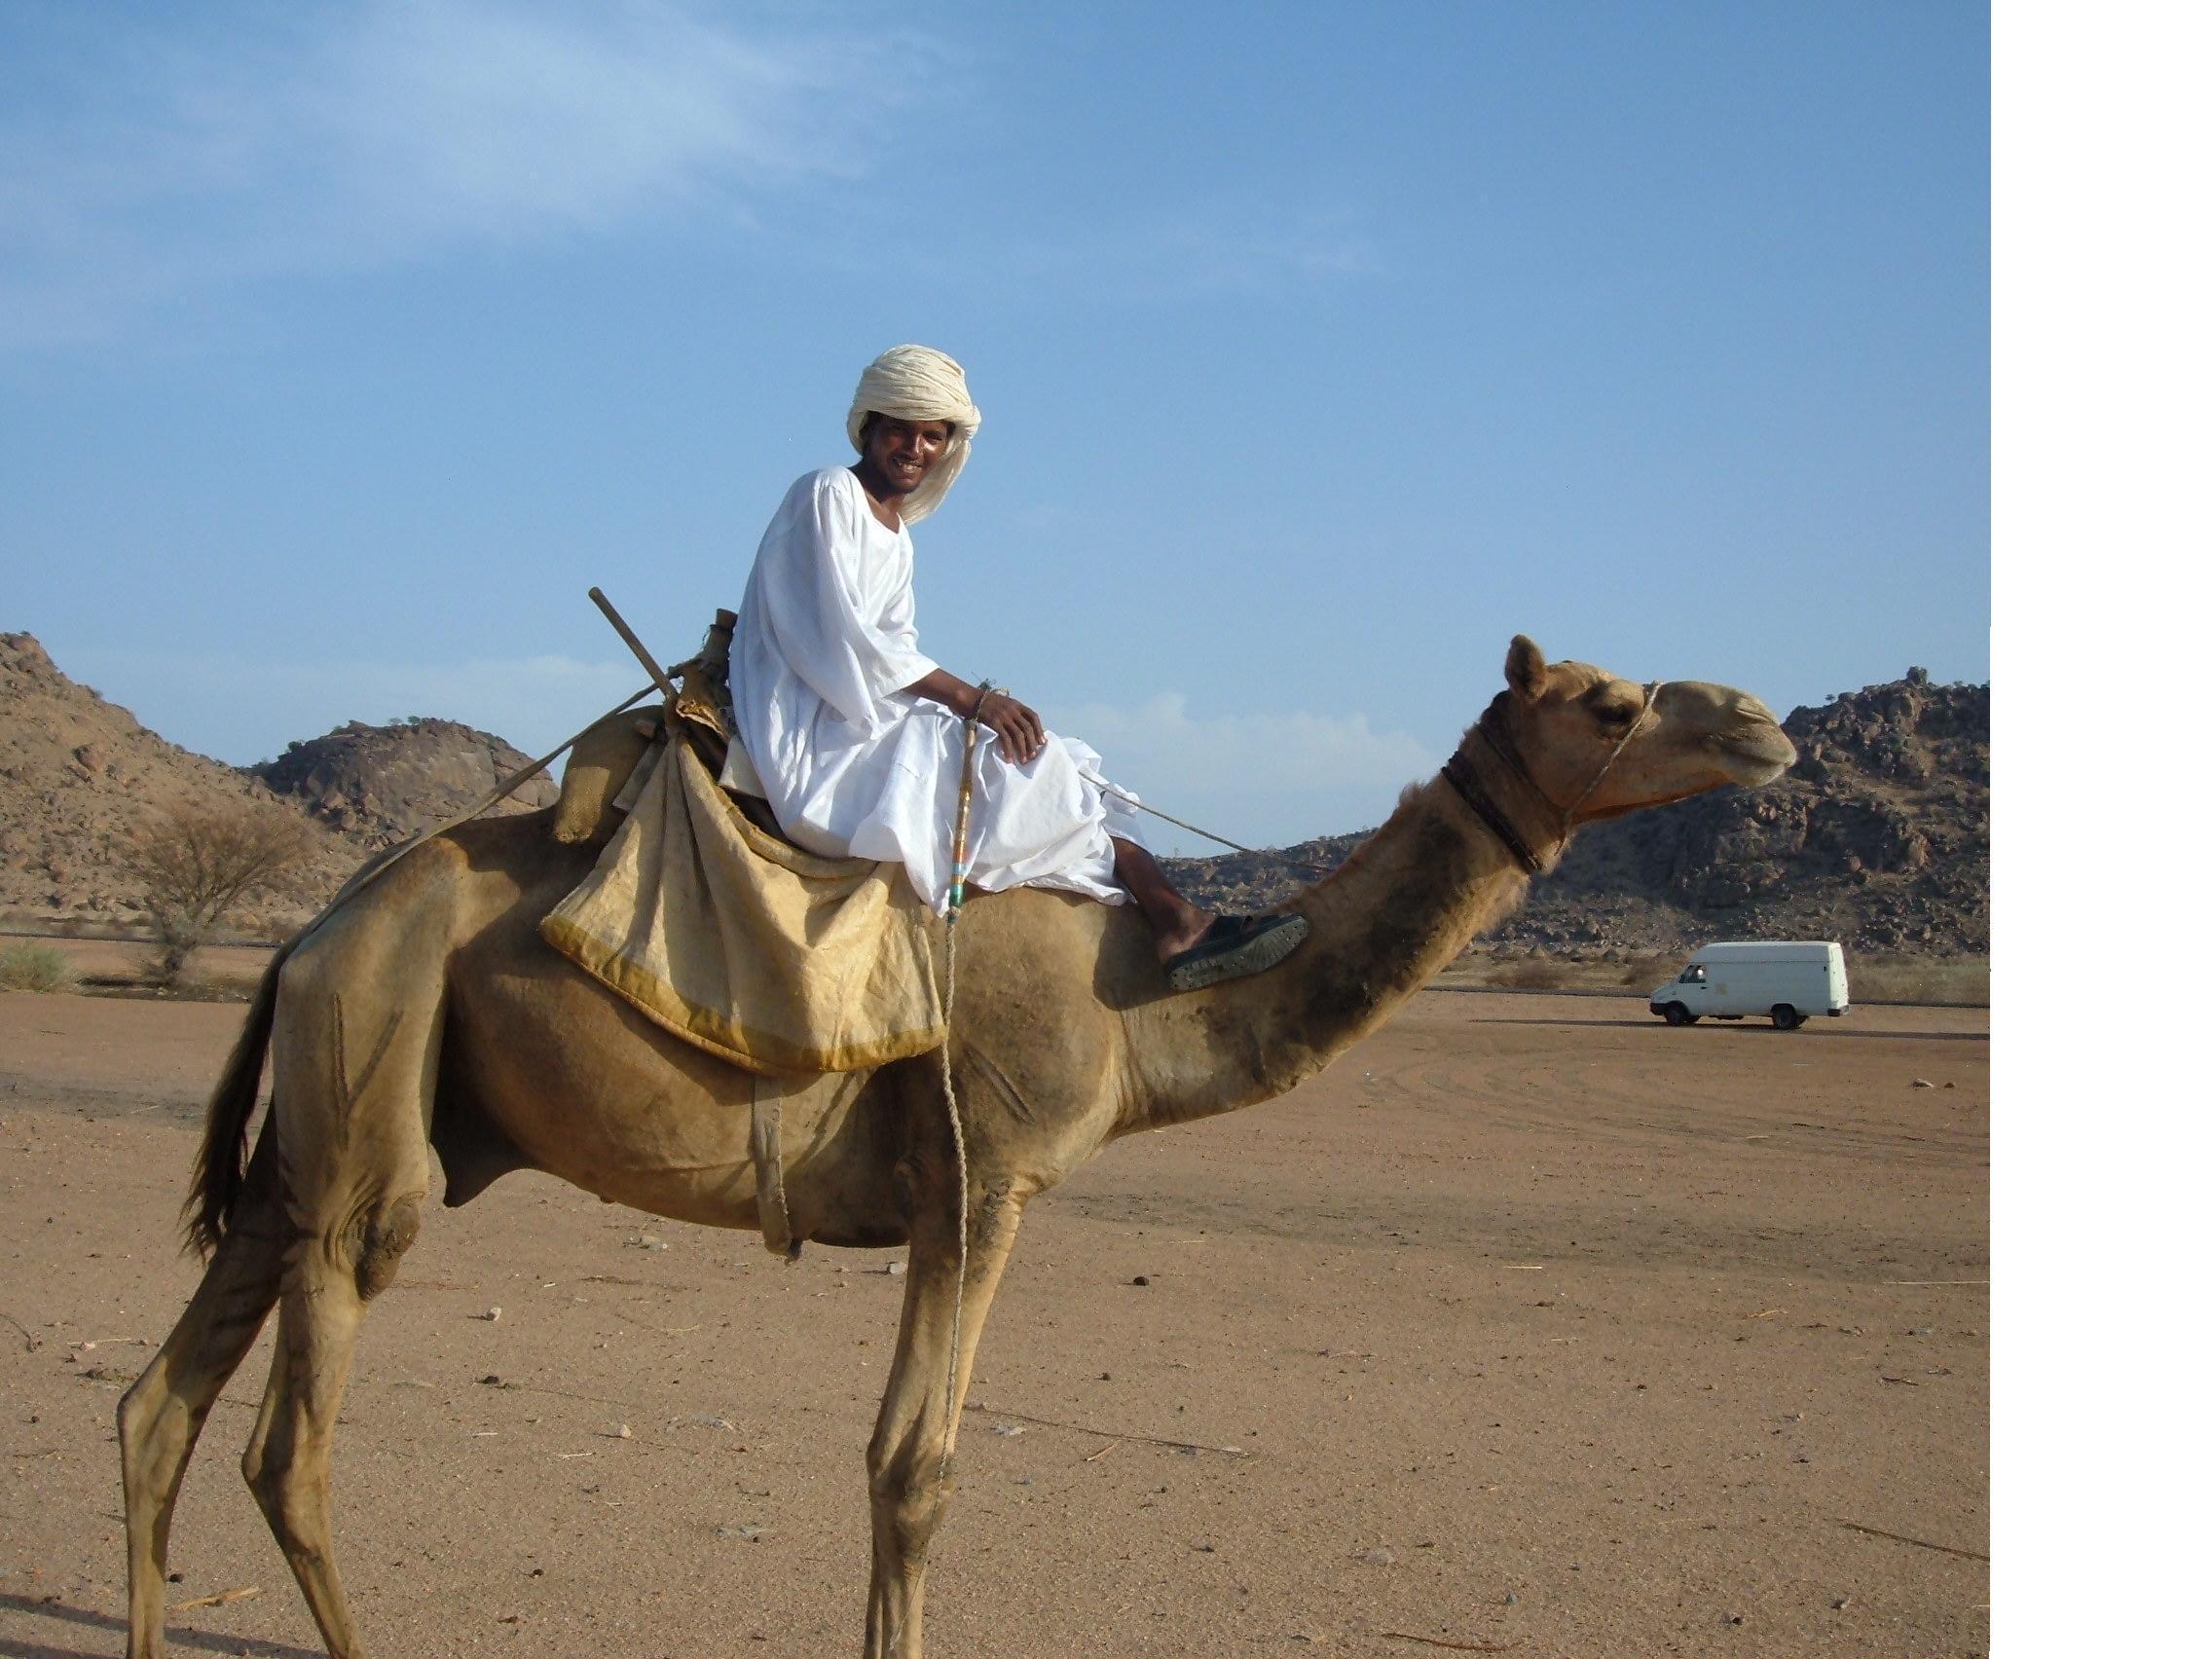 deserto sudan 1.jpg